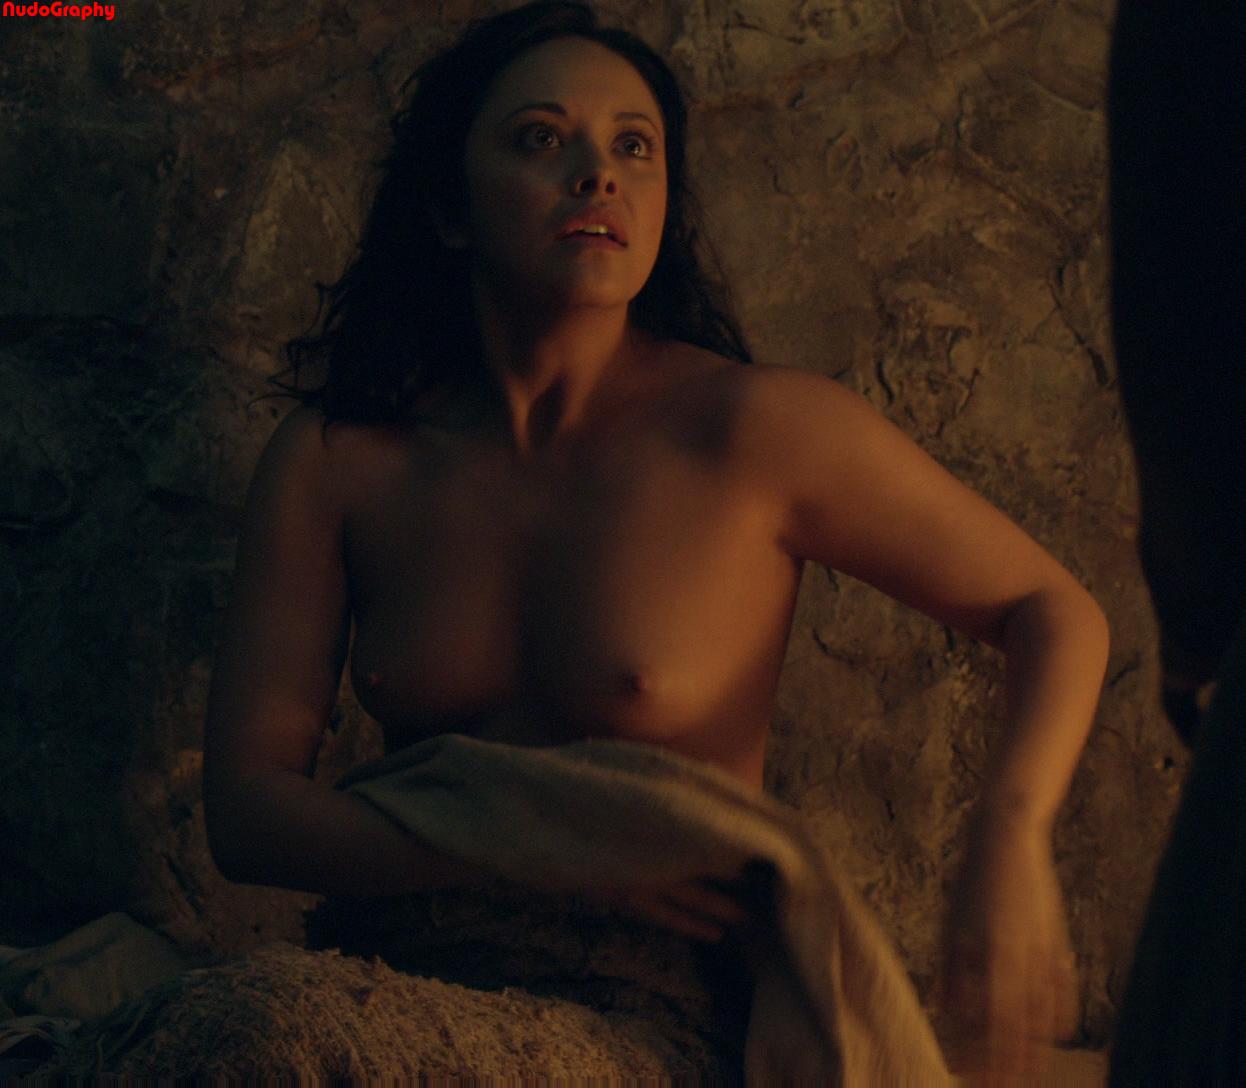 Marisa ramirez topless